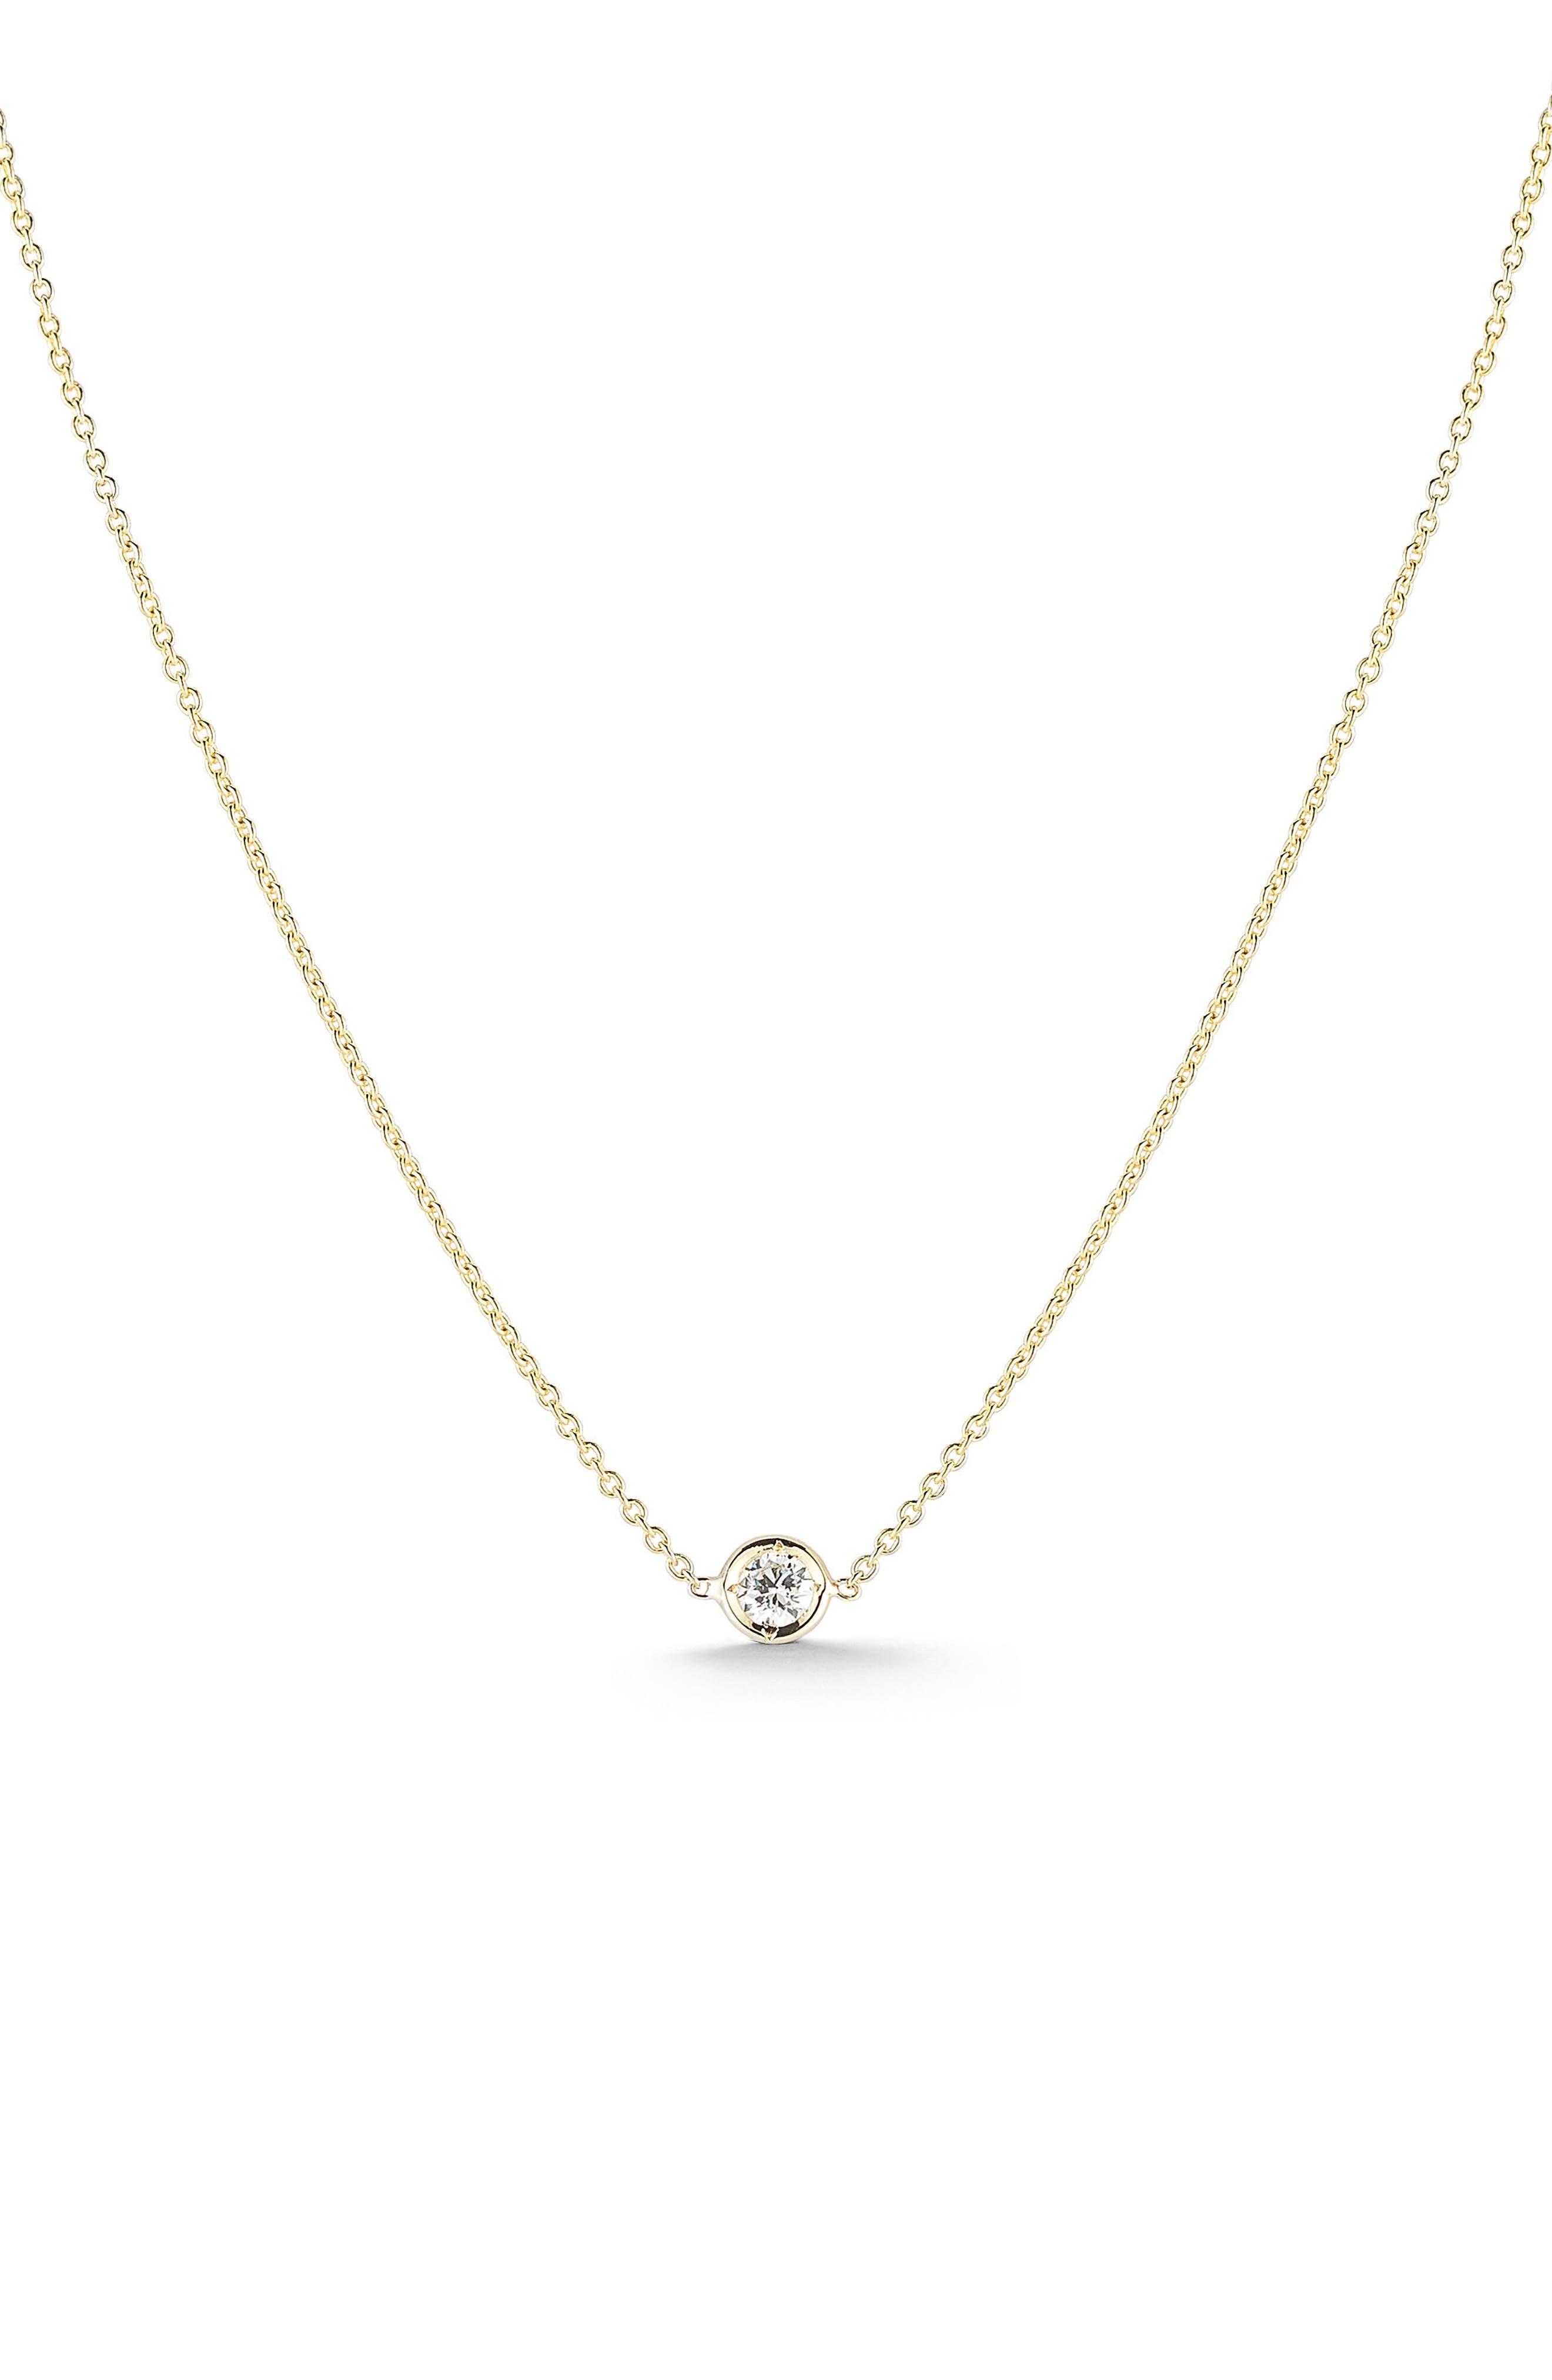 Tiny Treasures Diamond Bezel Necklace,                         Main,                         color, Yellow